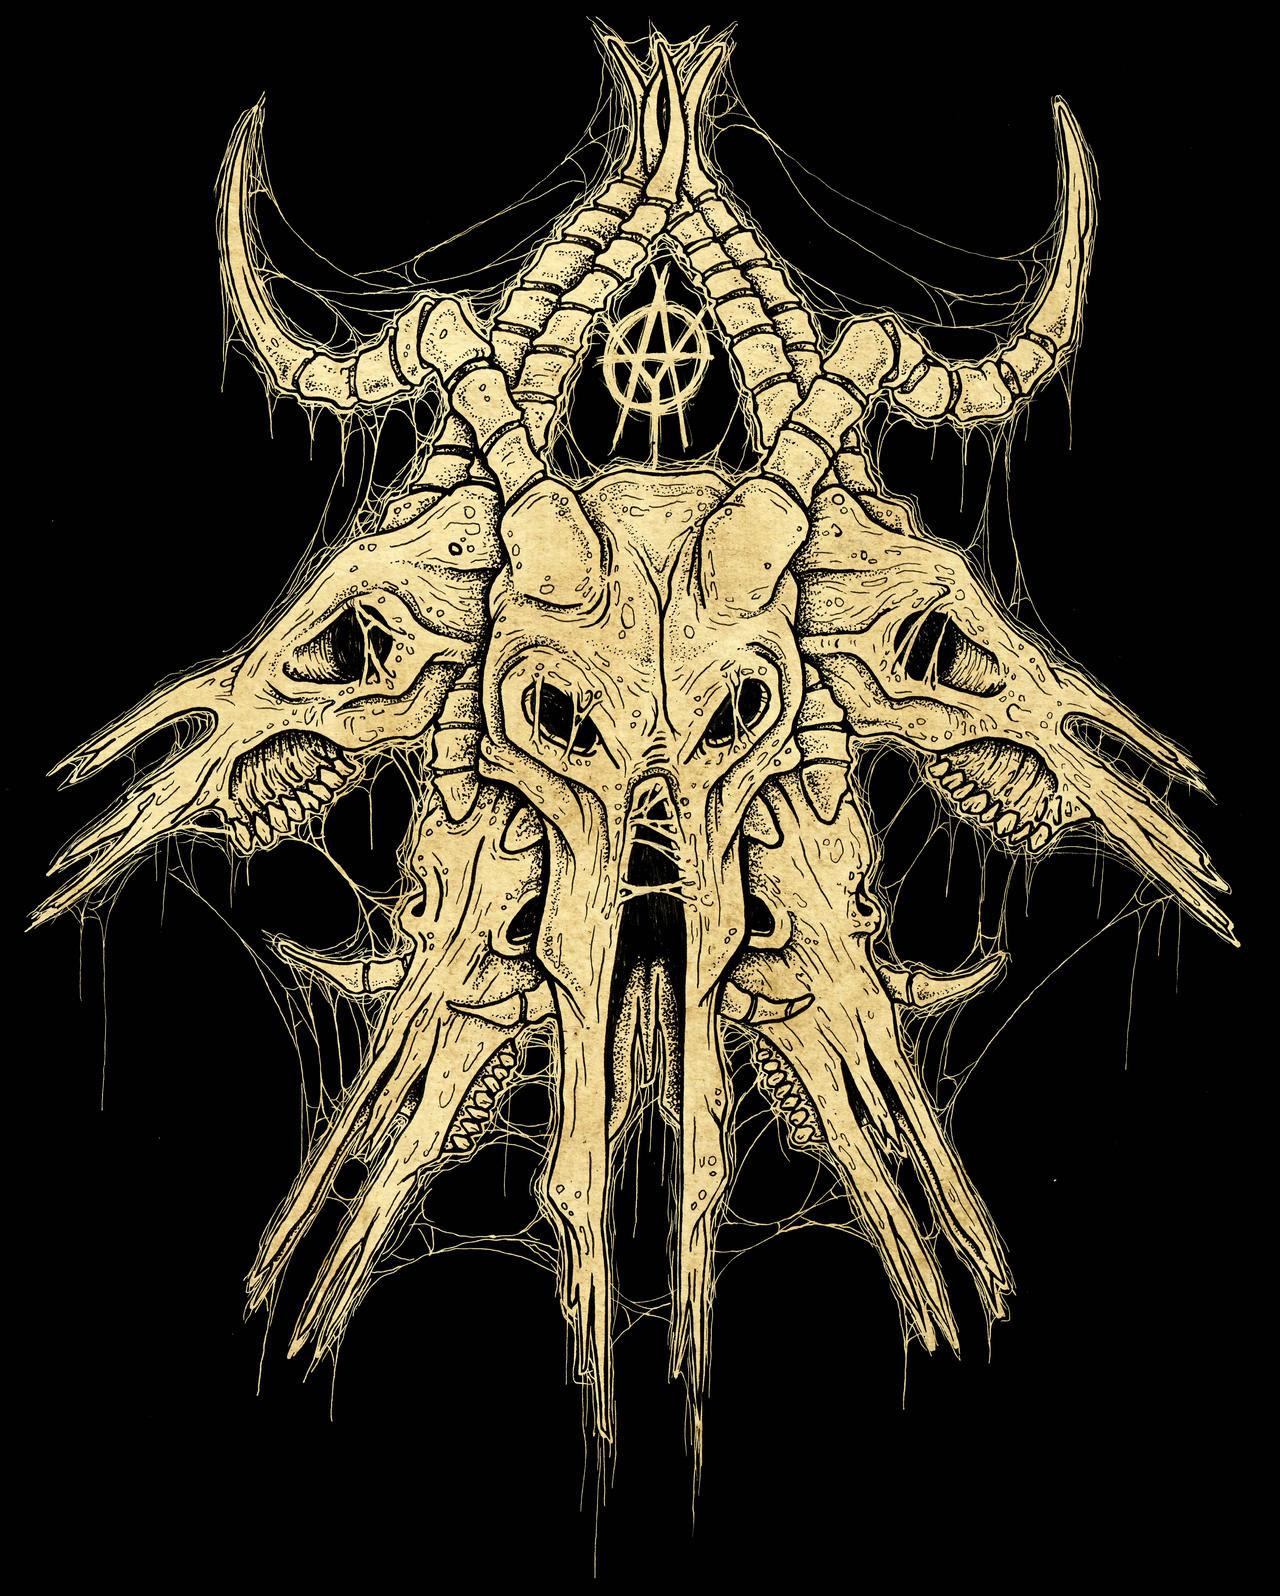 Download Cow Skull Black by ayillustrations on DeviantArt